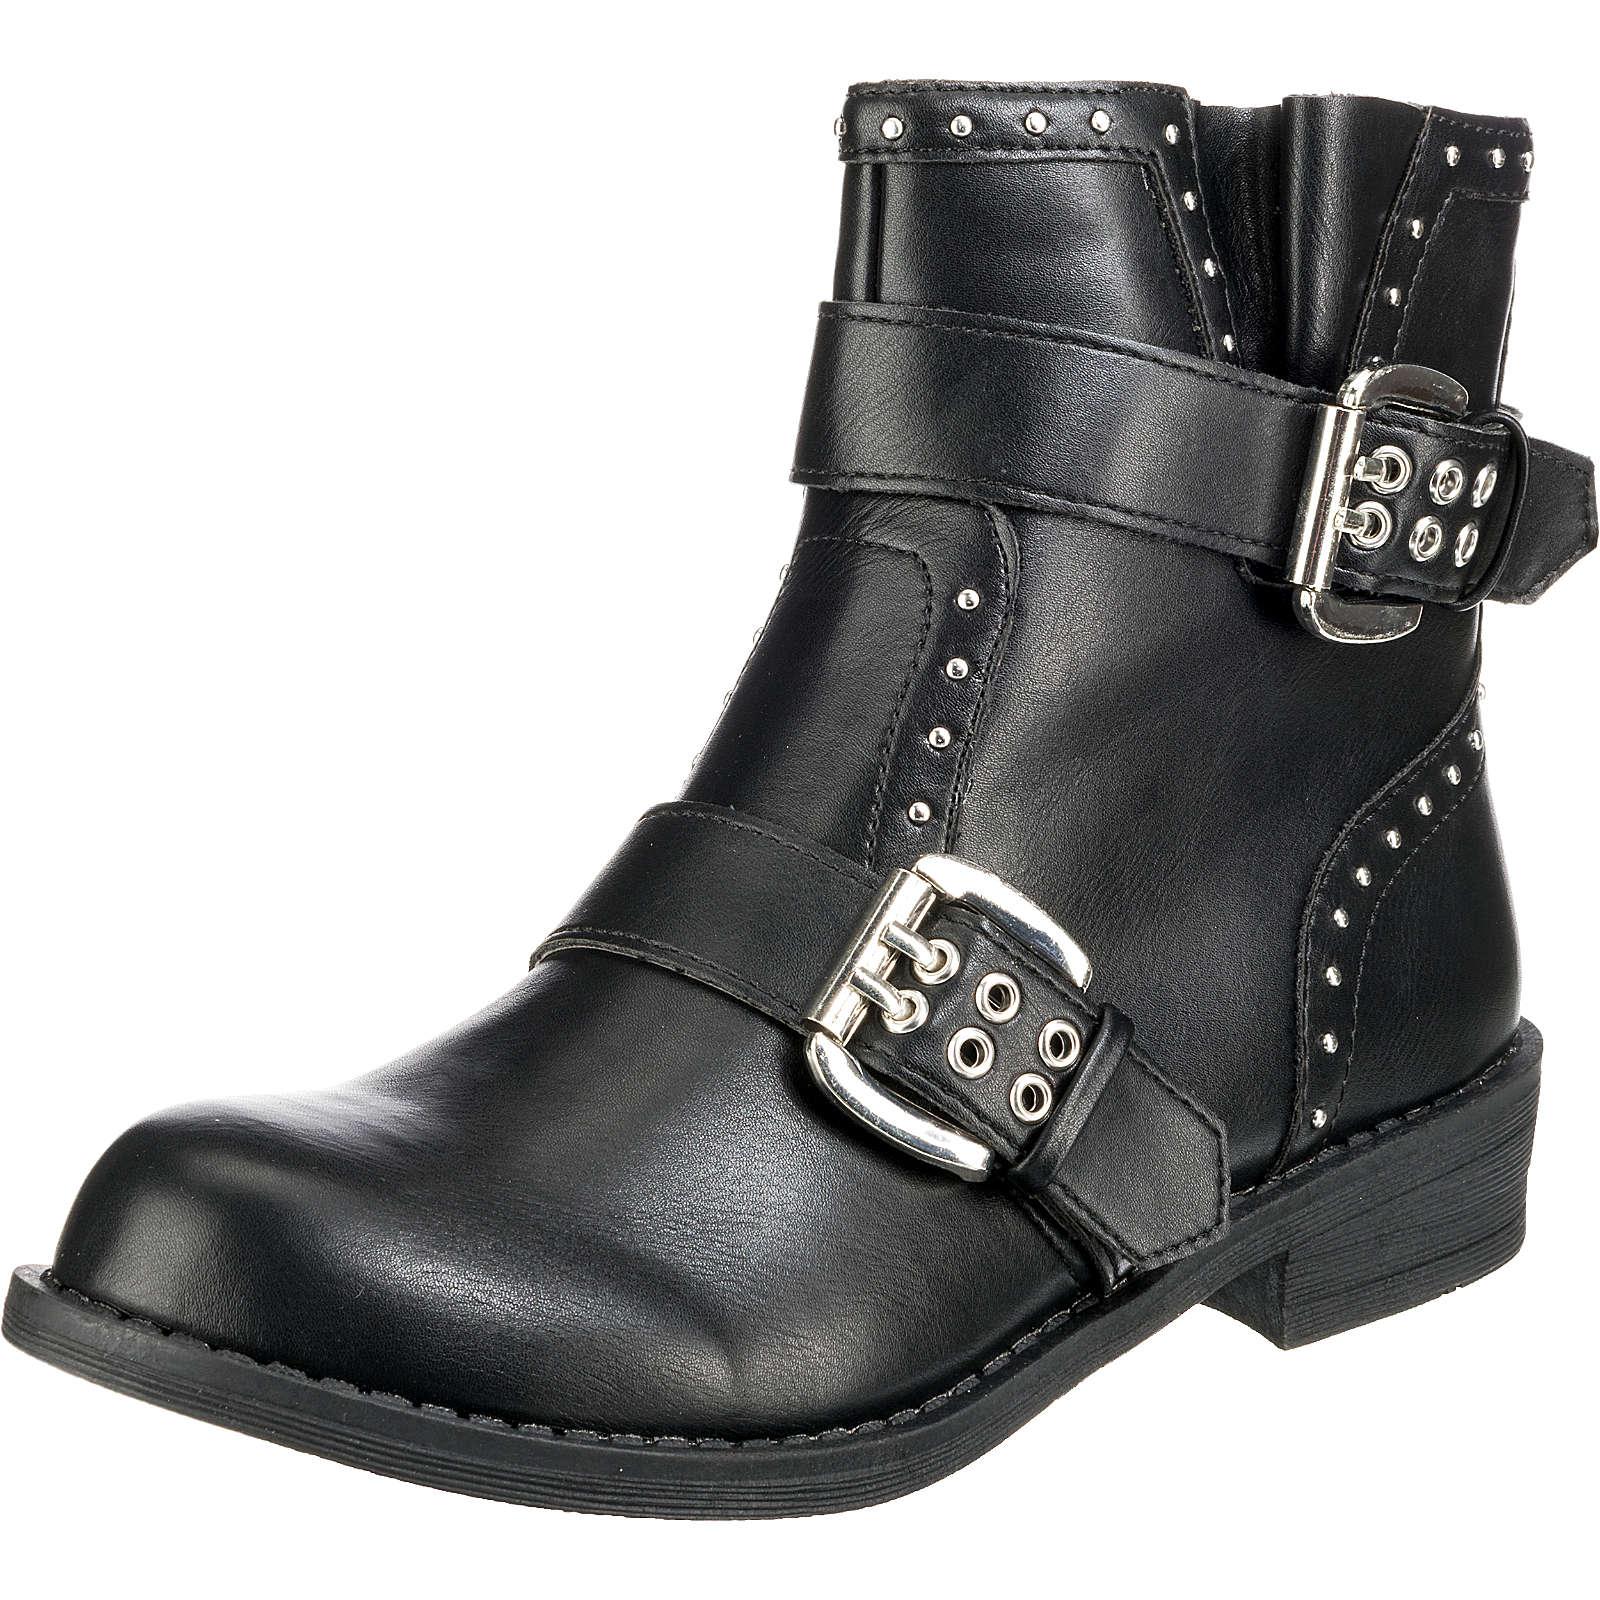 BUFFALO Biker Boots schwarz Damen Gr. 38